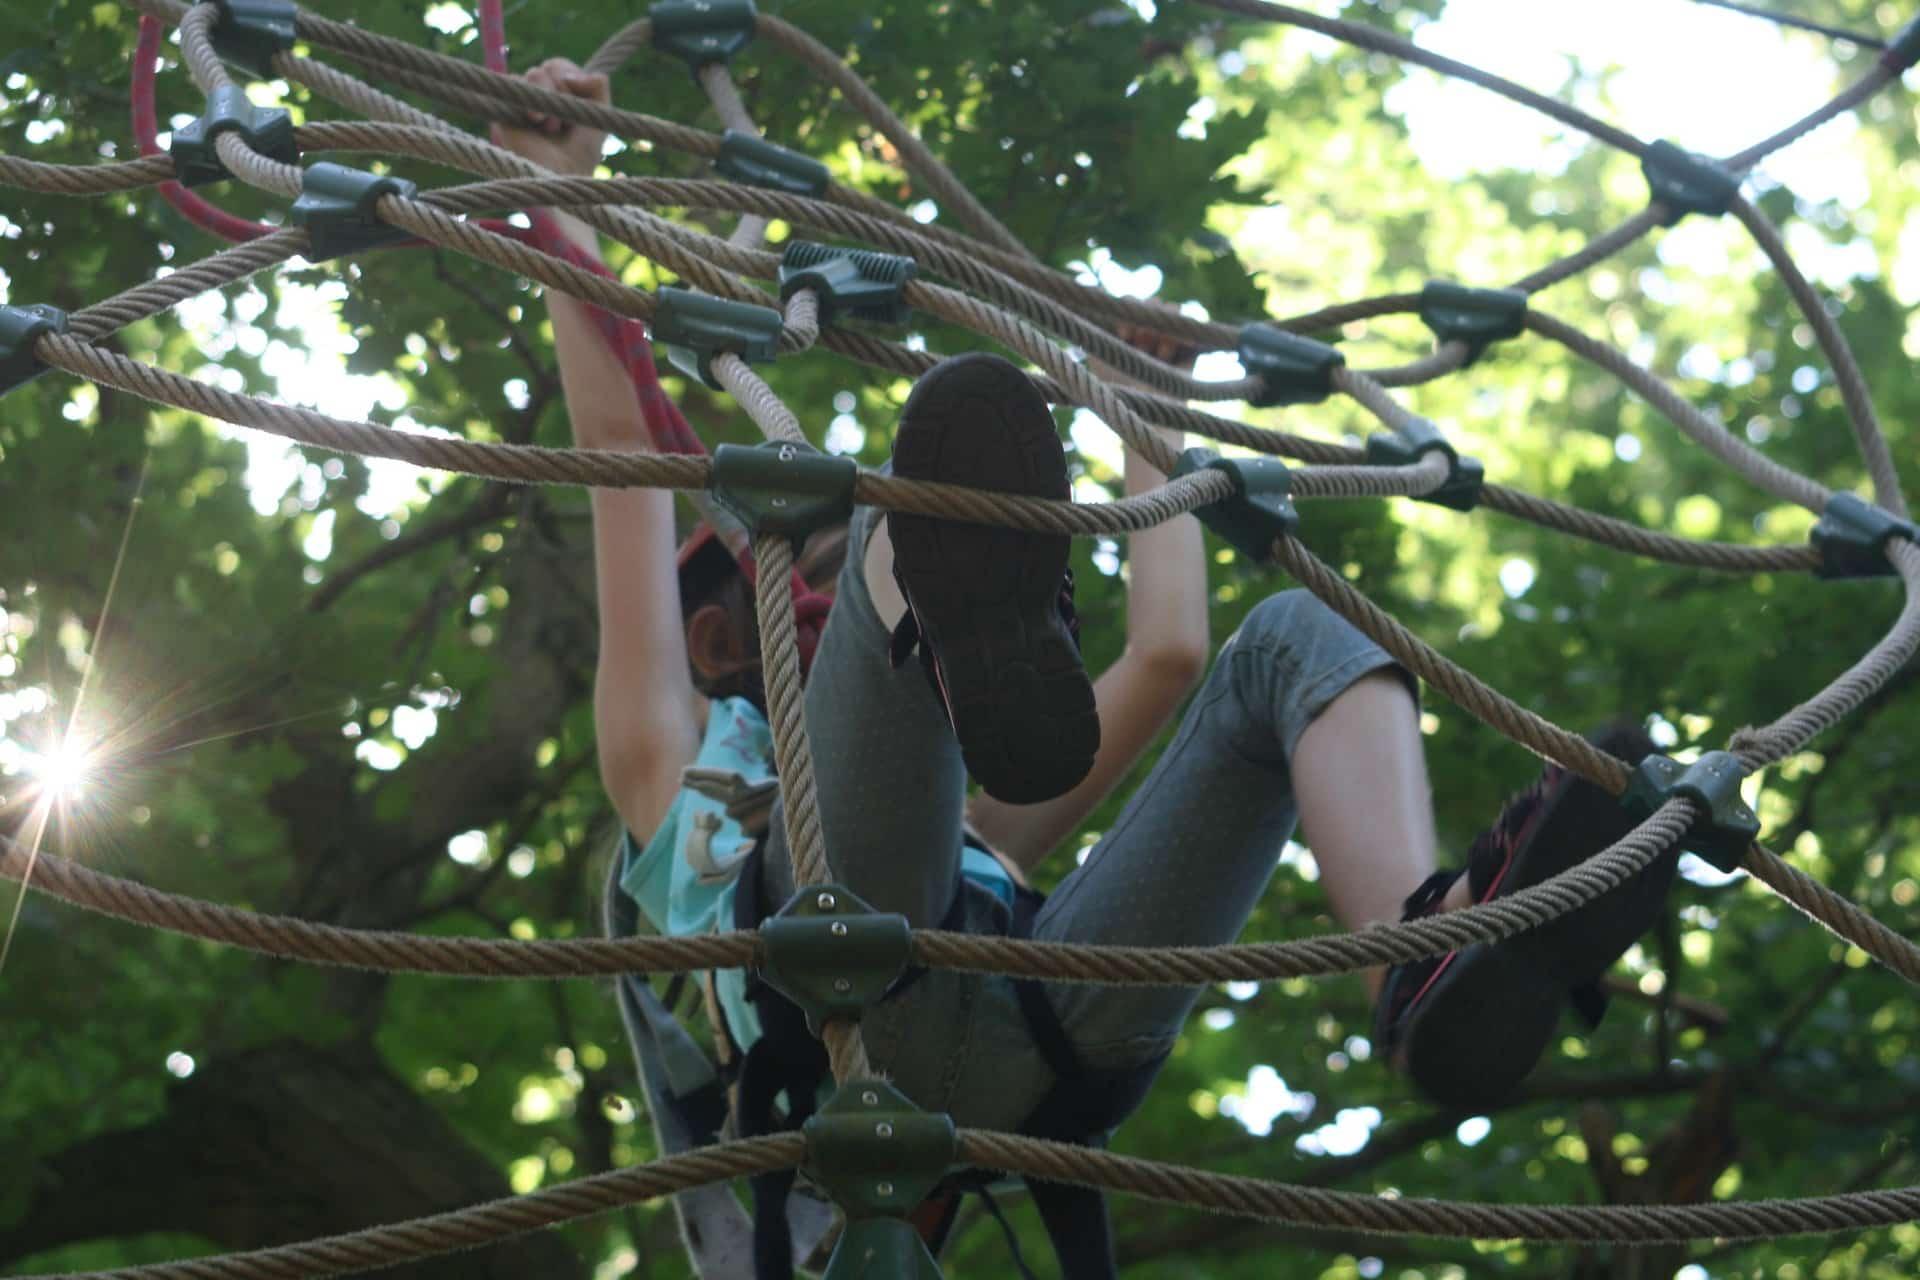 Mädchen im Kletterpark auf einem Seil-Spinnennetz im Freizeitpark Hessen